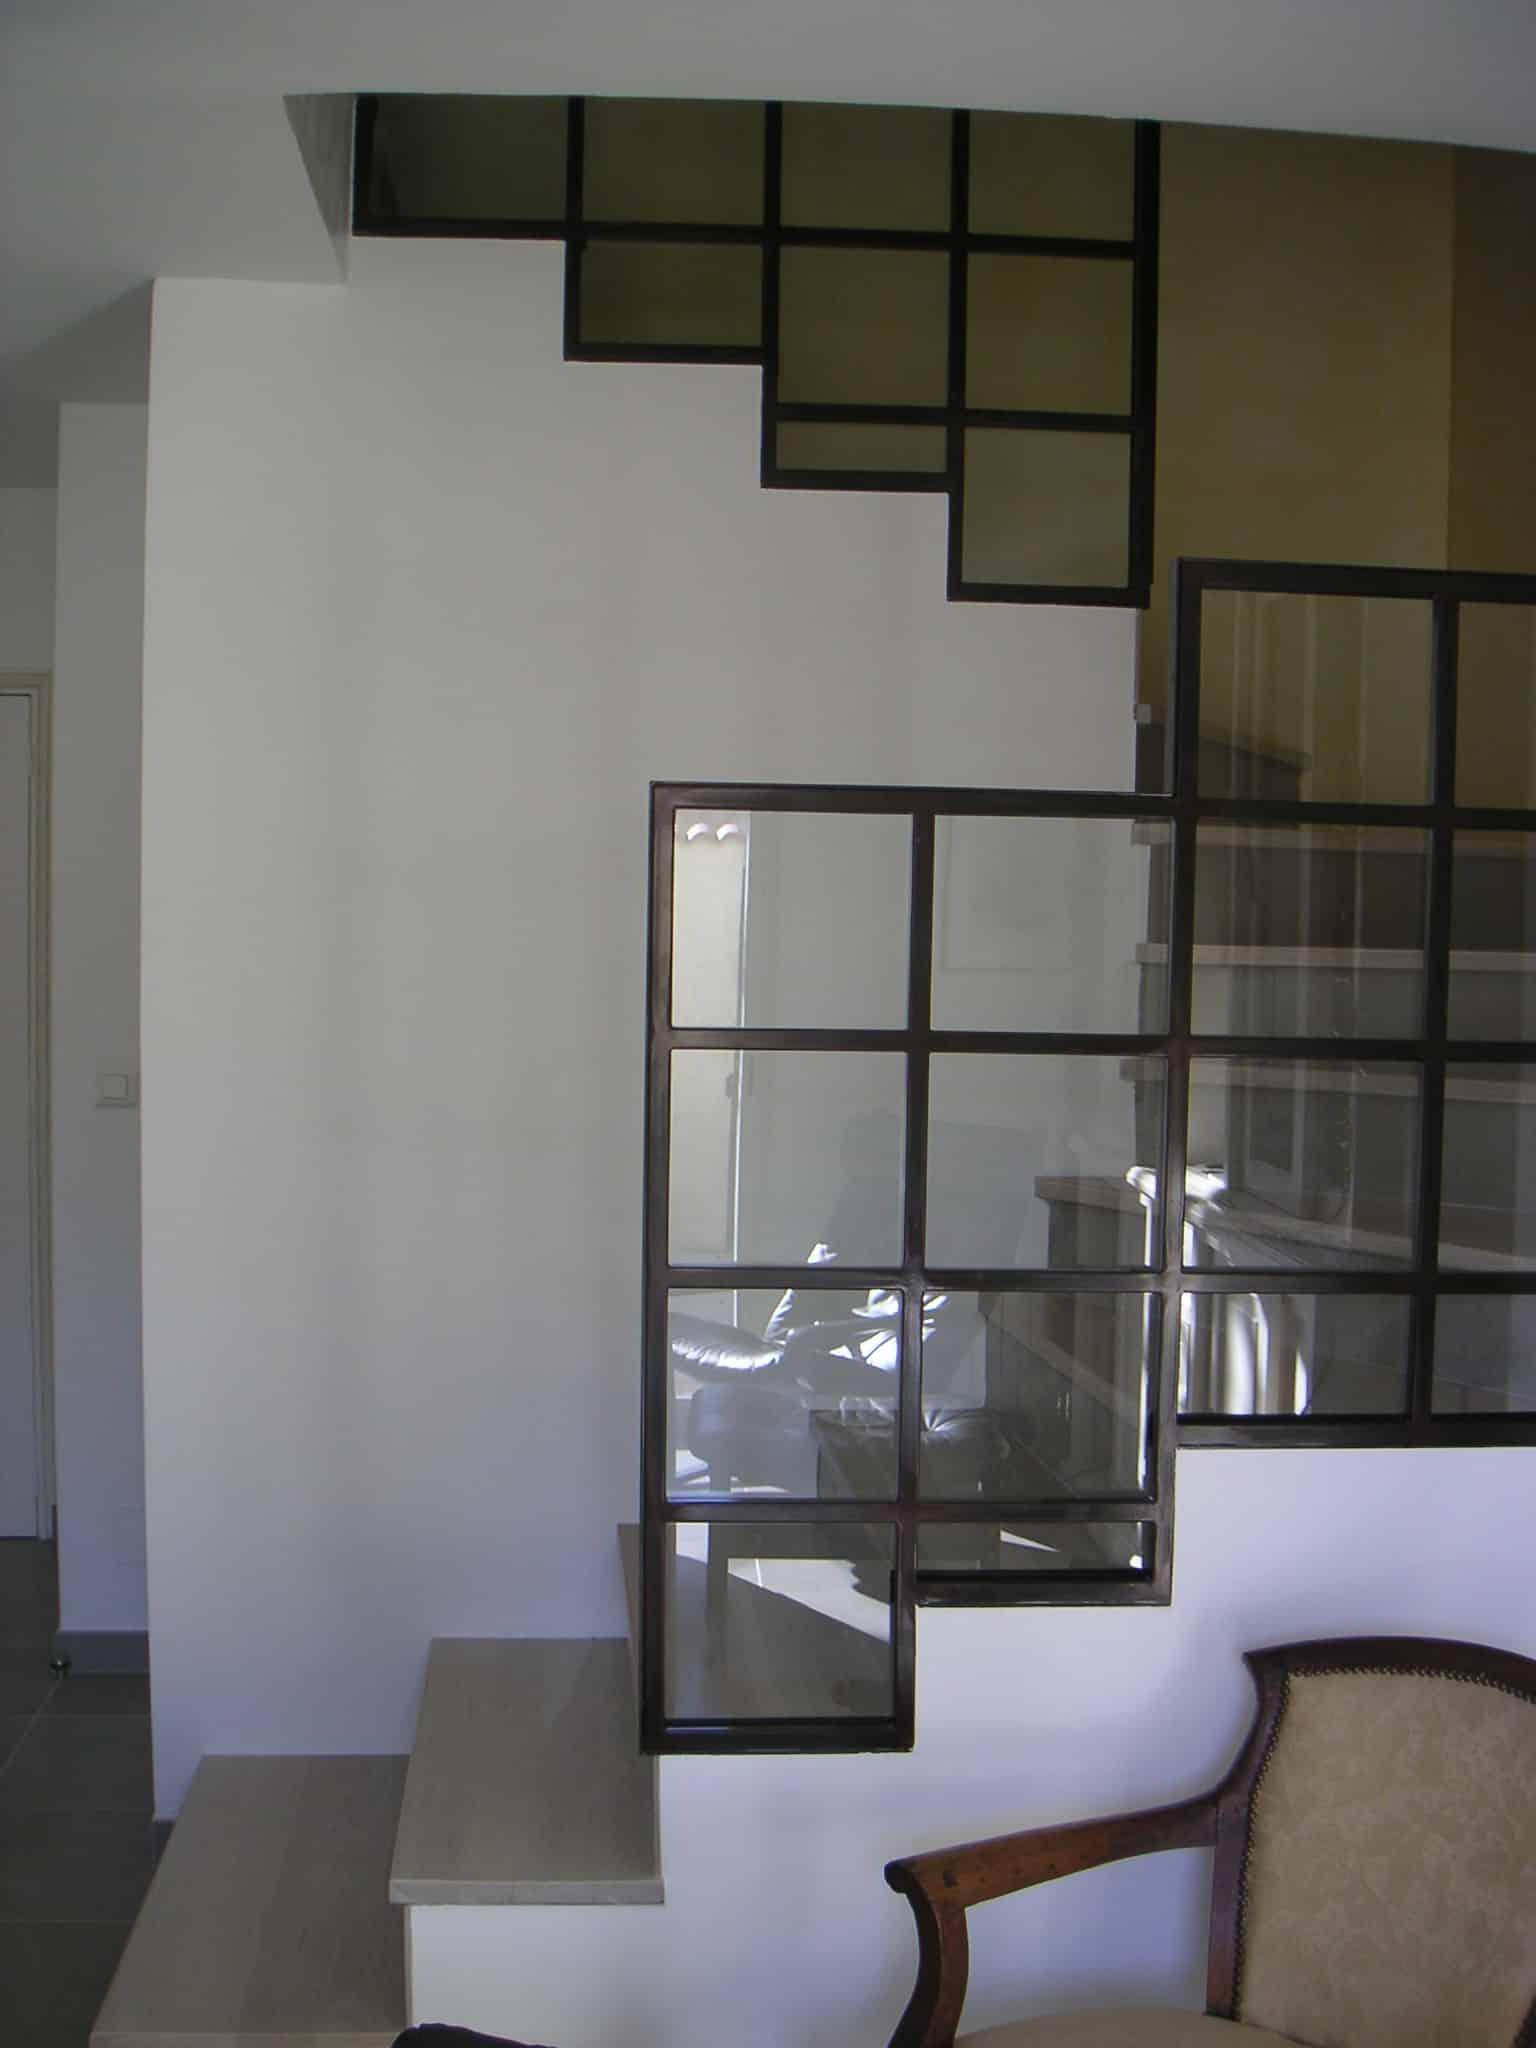 cloison amovible exterieur best fabriquer cloison. Black Bedroom Furniture Sets. Home Design Ideas